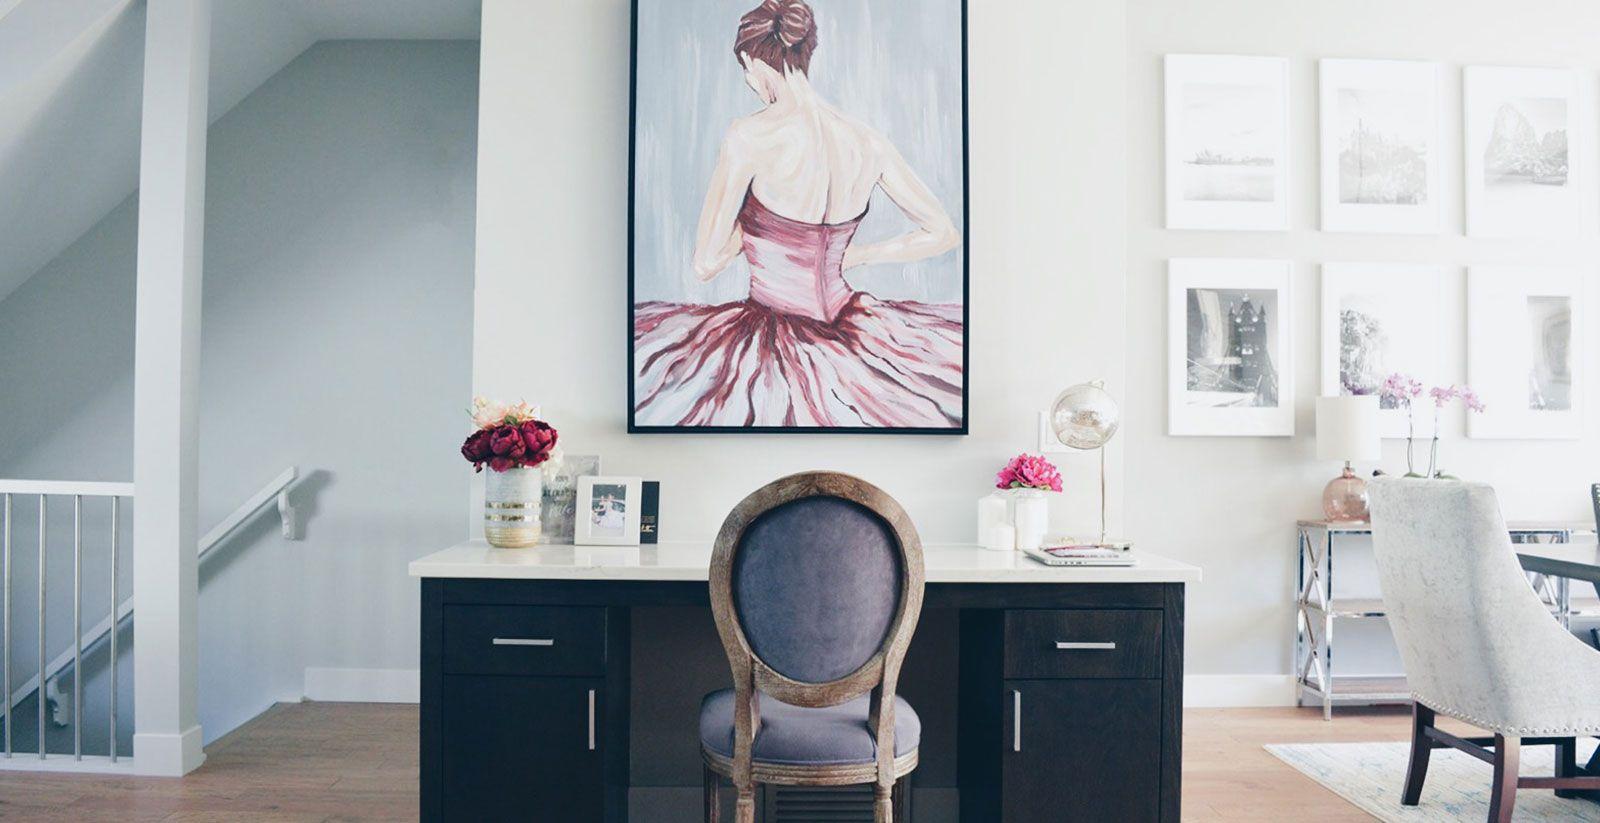 Mauve painting above a desk